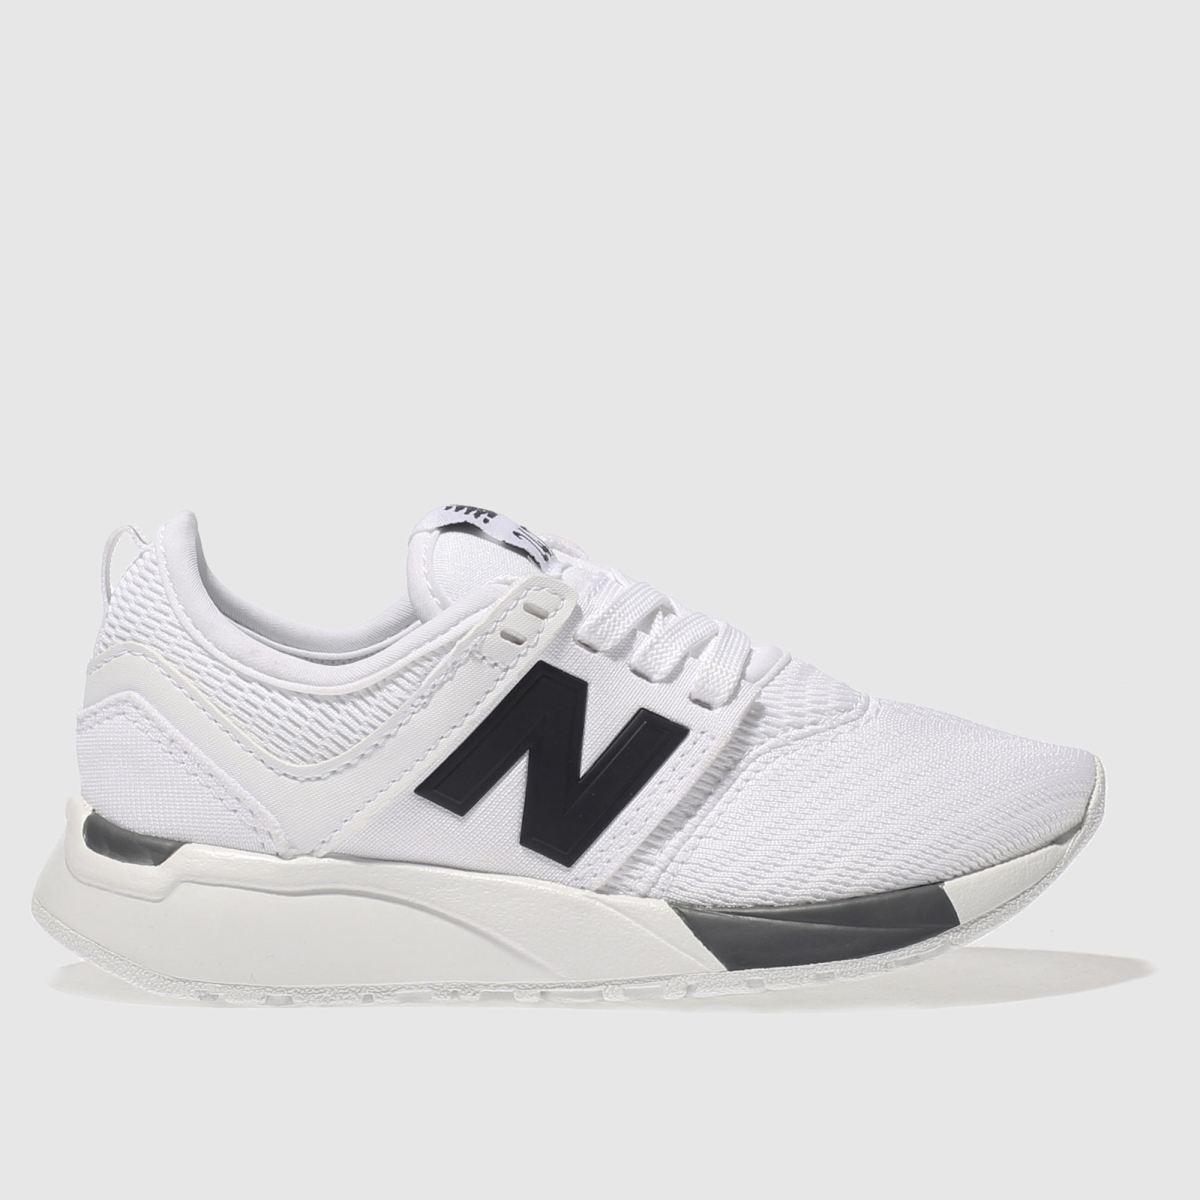 New Balance New Balance White & Black 247 Junior Trainers